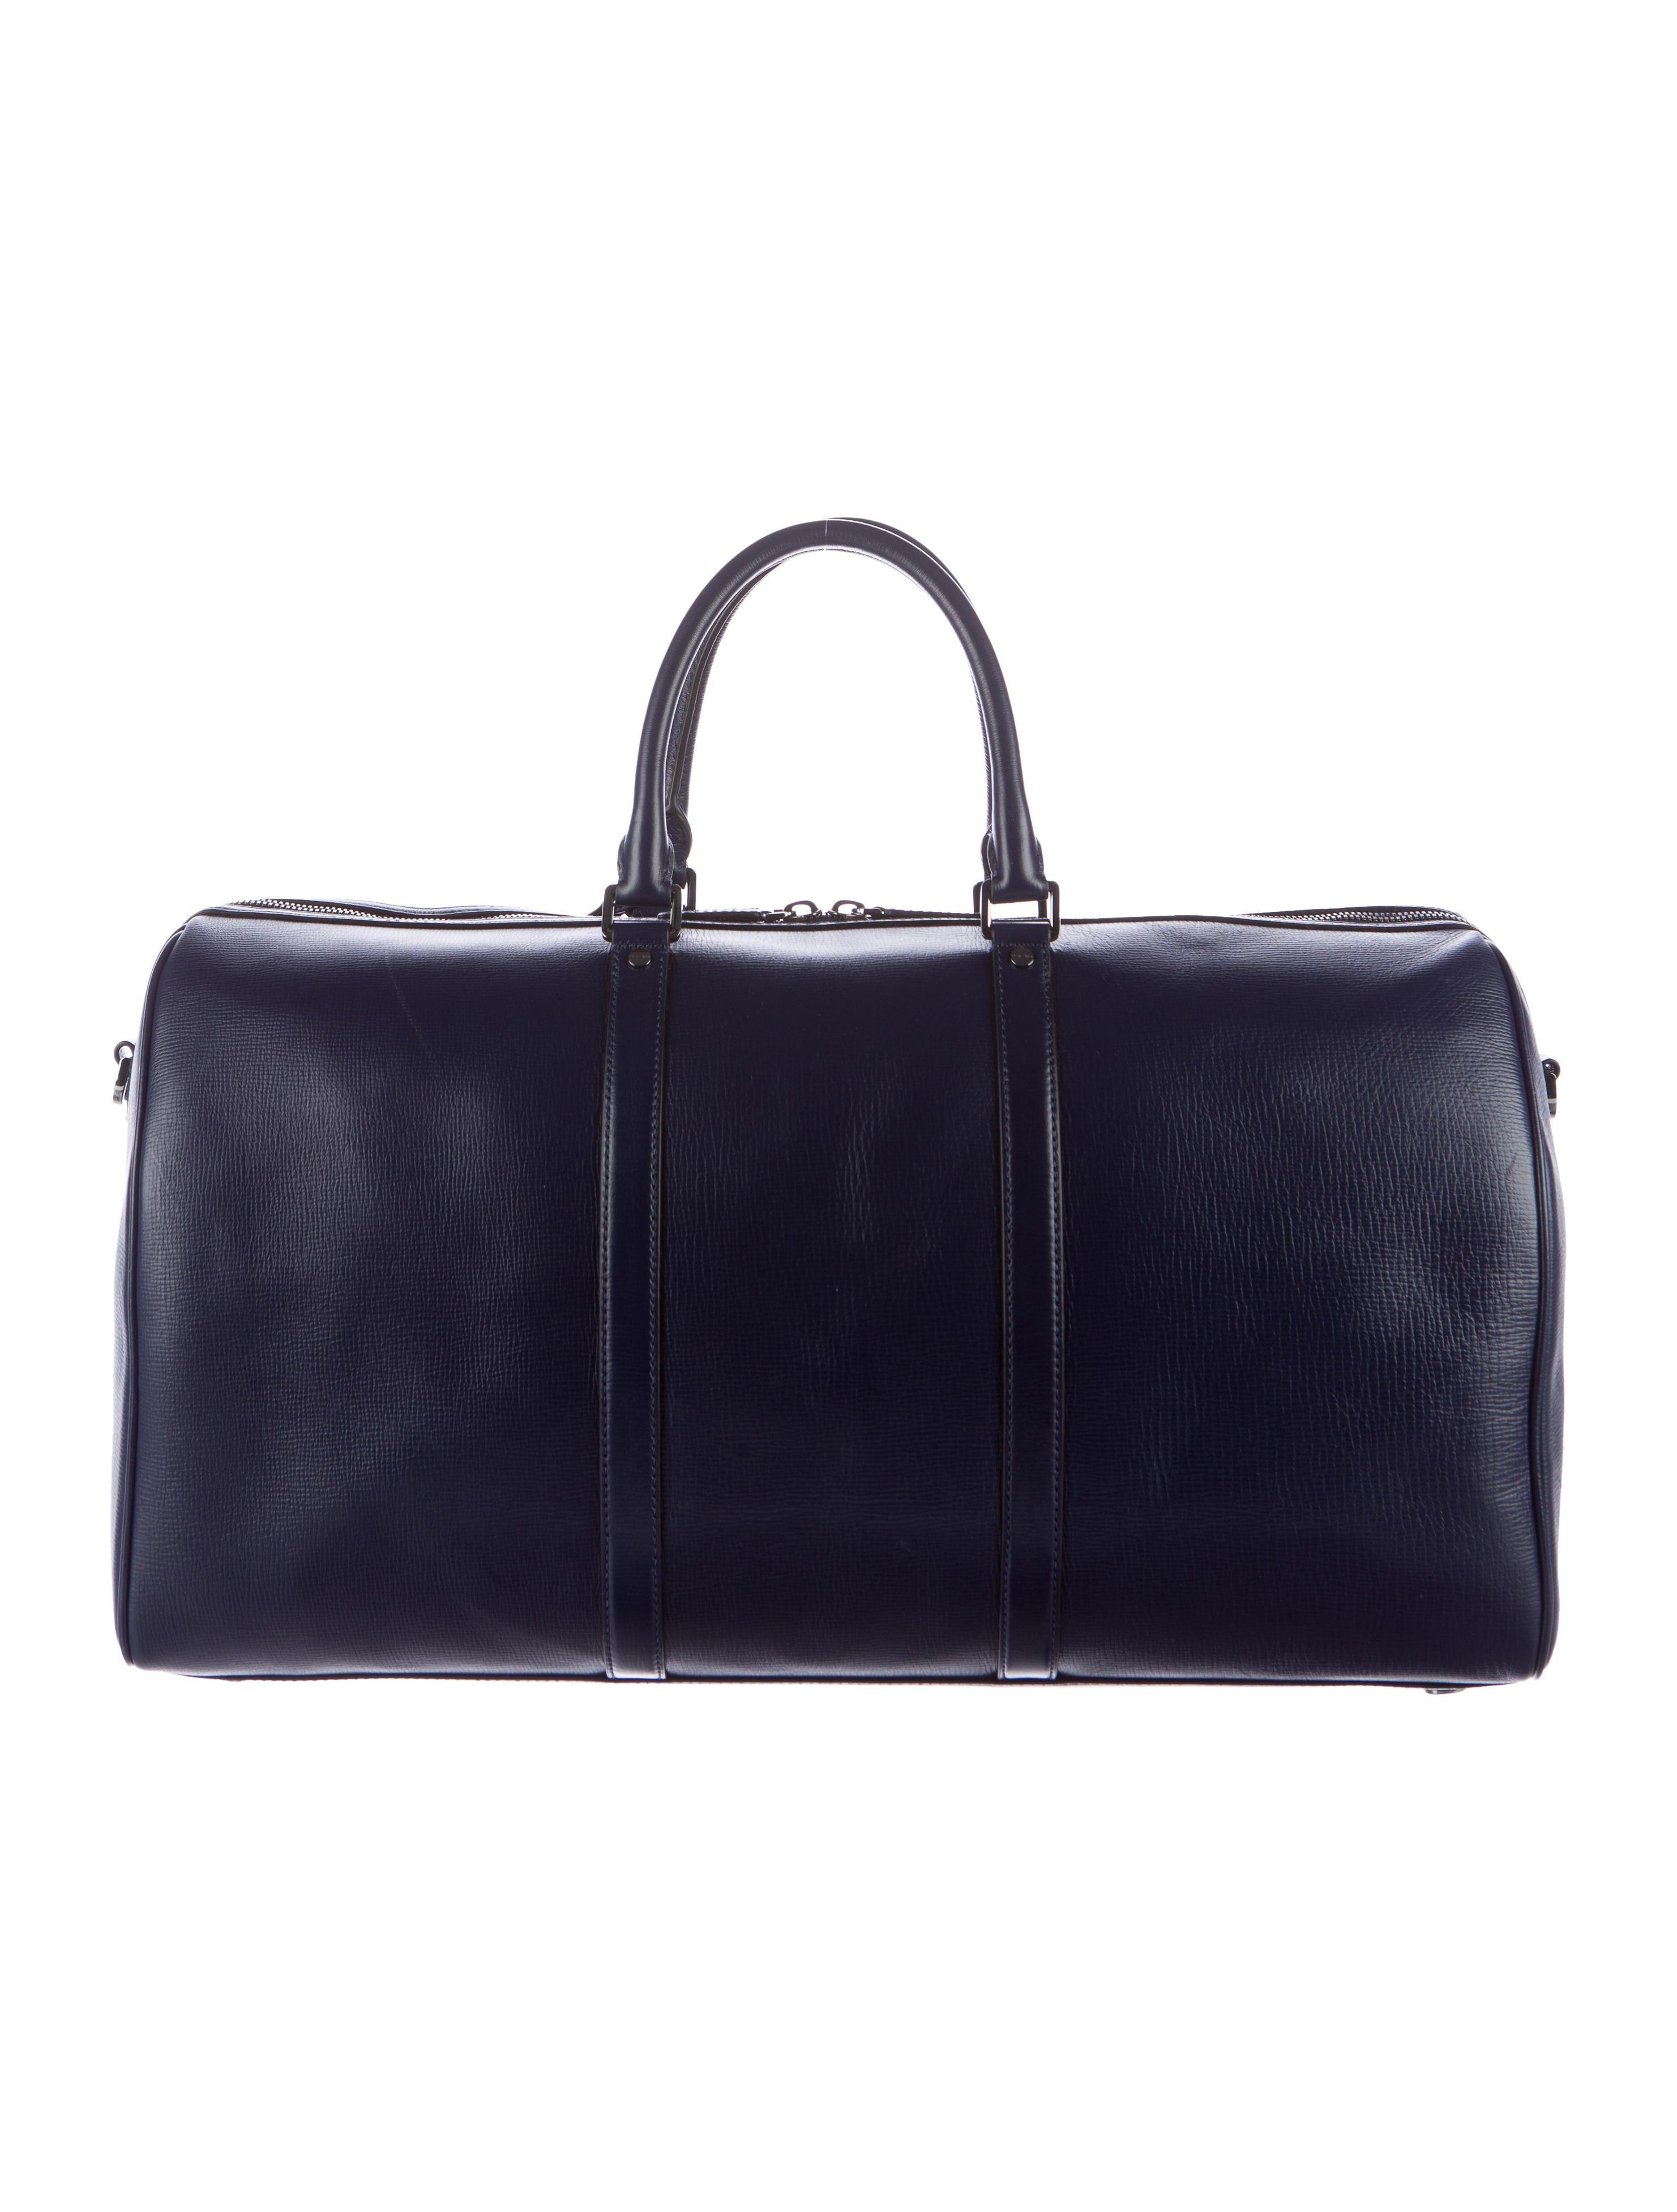 Michael Kors Leather Weekender Bag Bags Mic51039 The